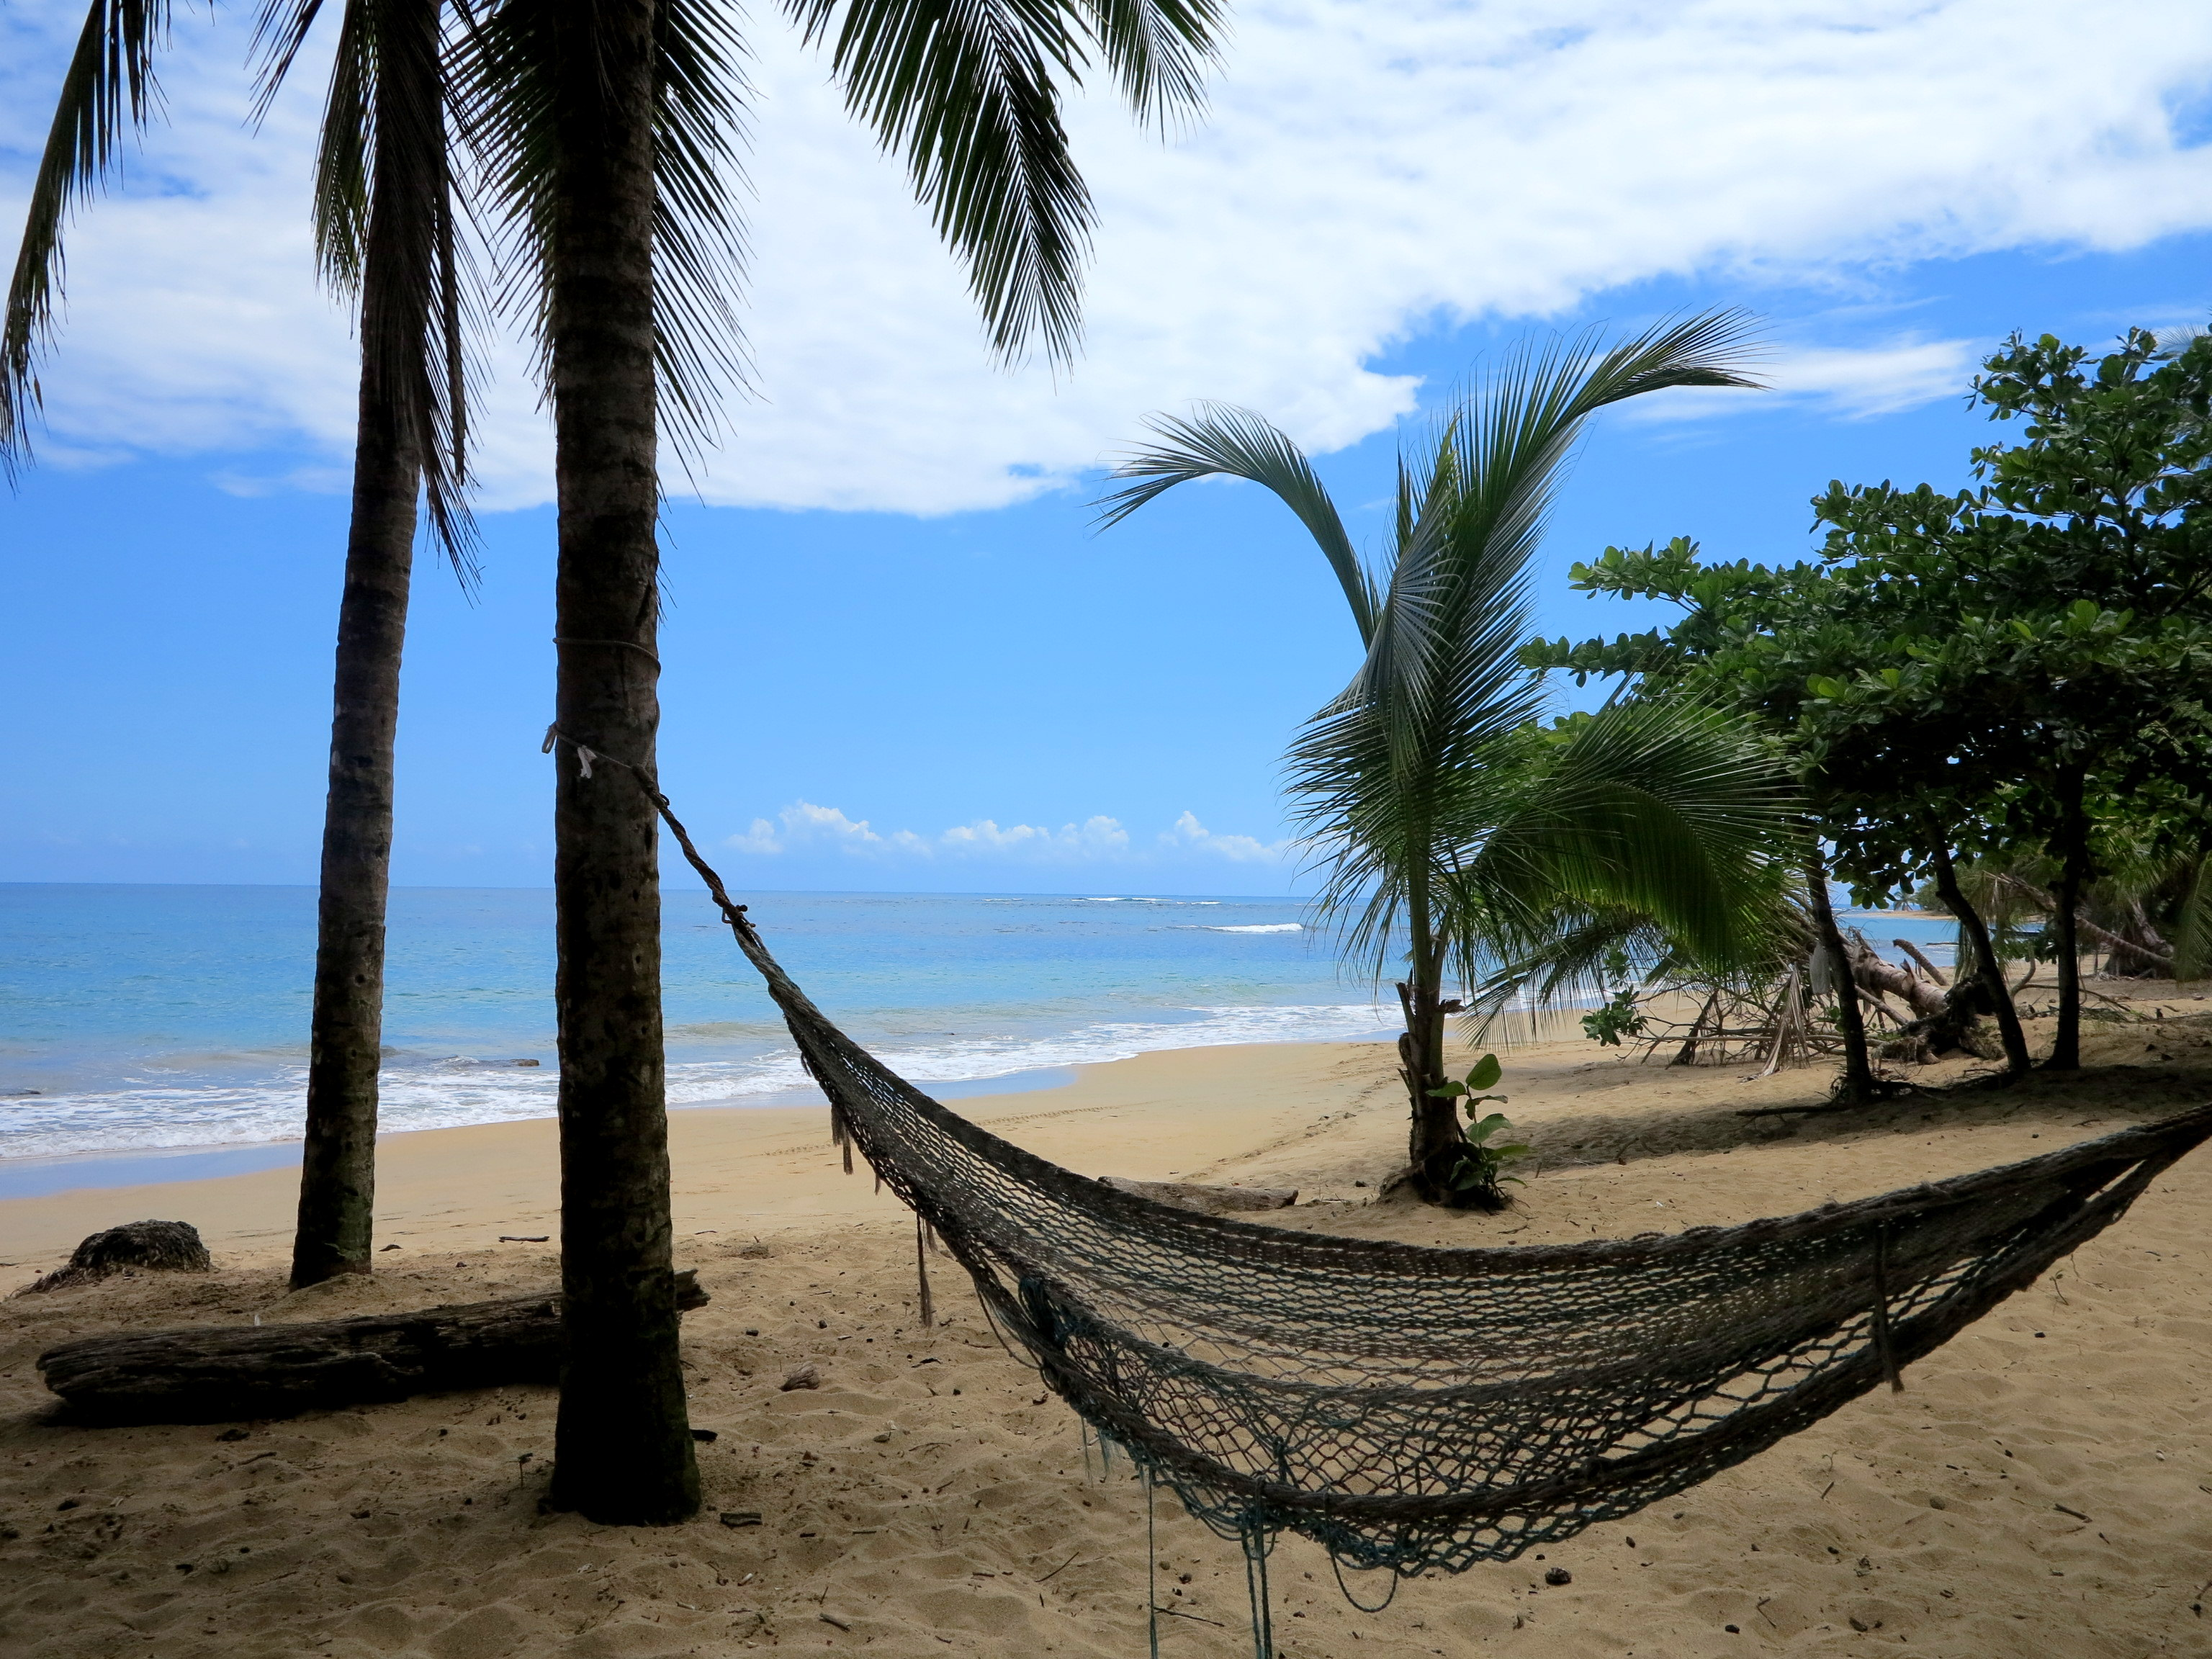 Strand Punta Uva --> Einer der schönsten Strände der karibischen Seite Costa Ricas